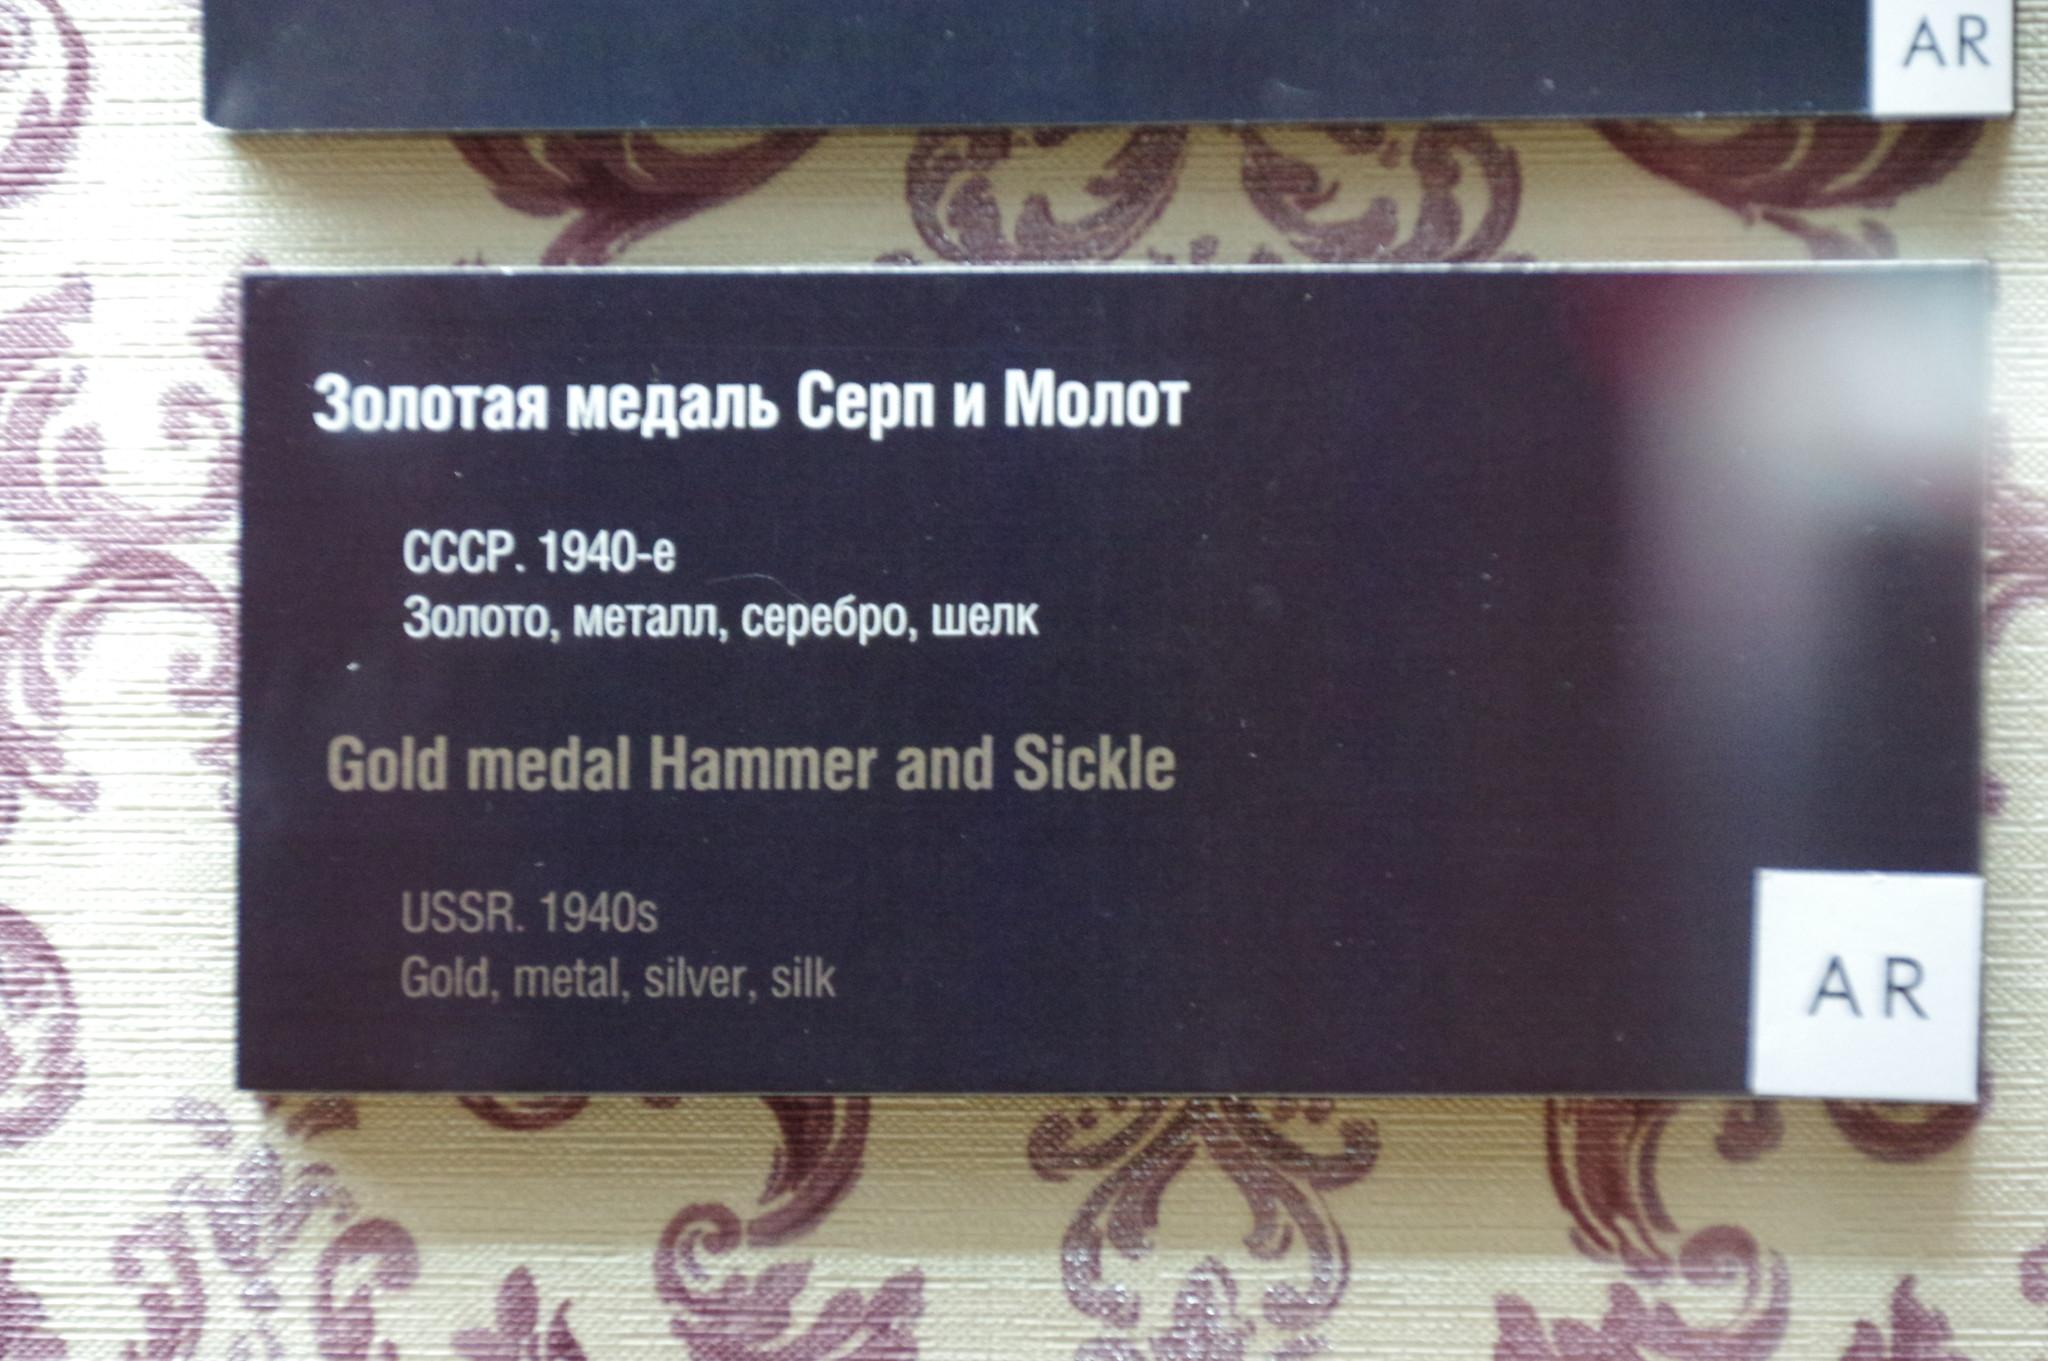 Золотая медаль Серп и Молот в экспозиции Музея Победы